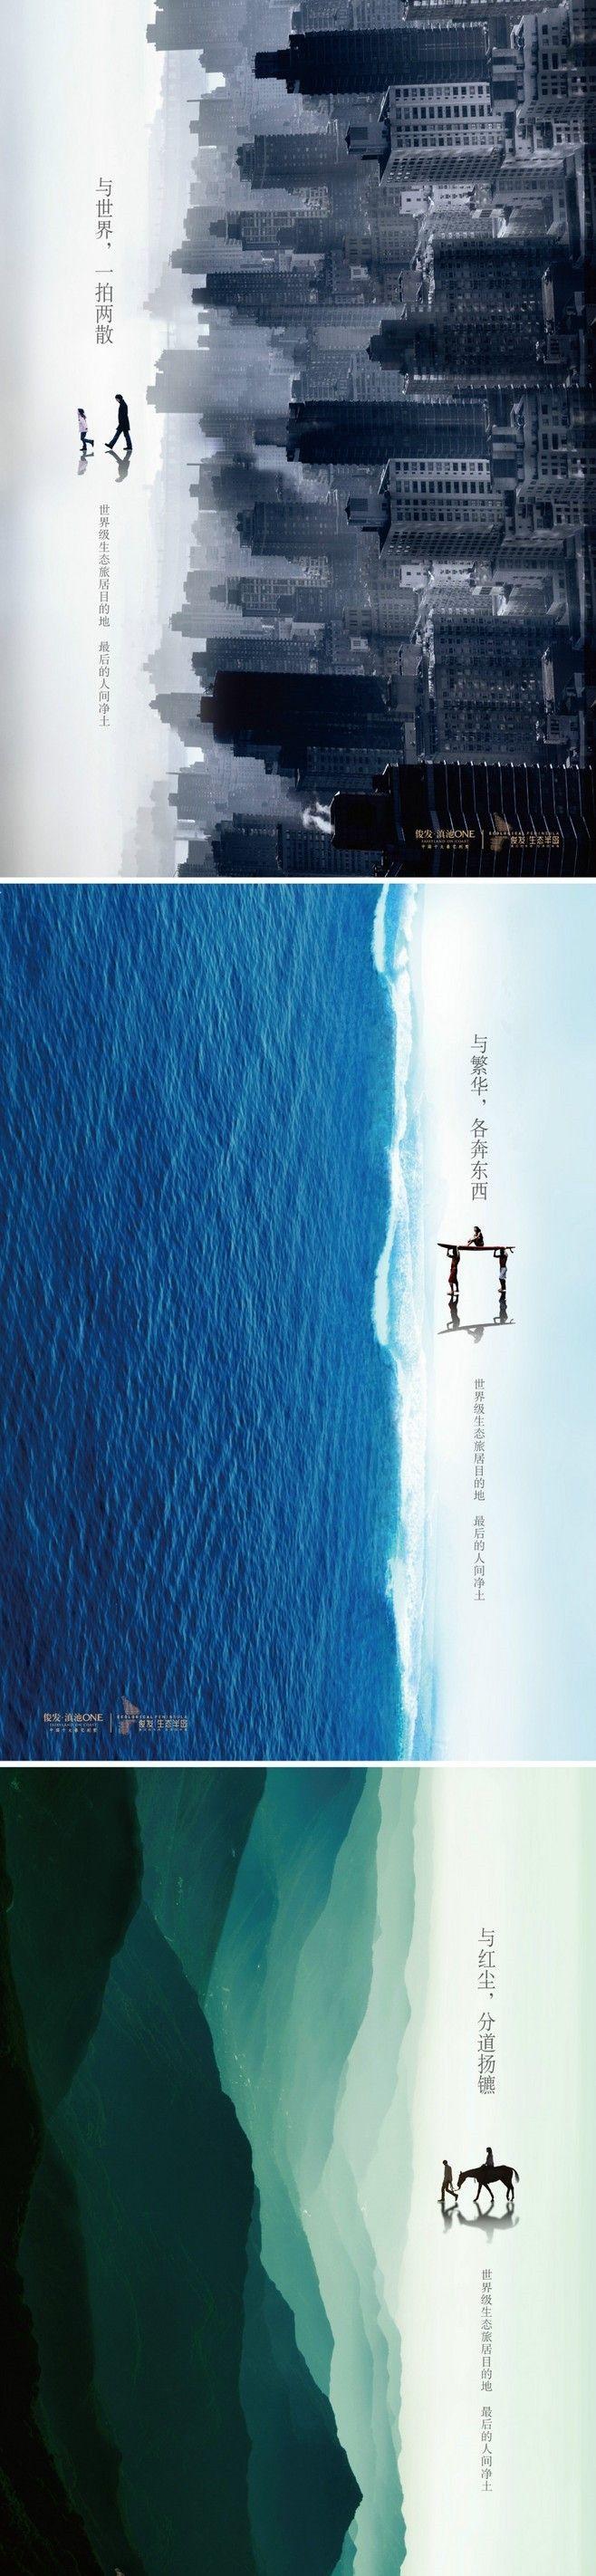 重庆经典地产广告欣赏 - 视觉中国设计师社区